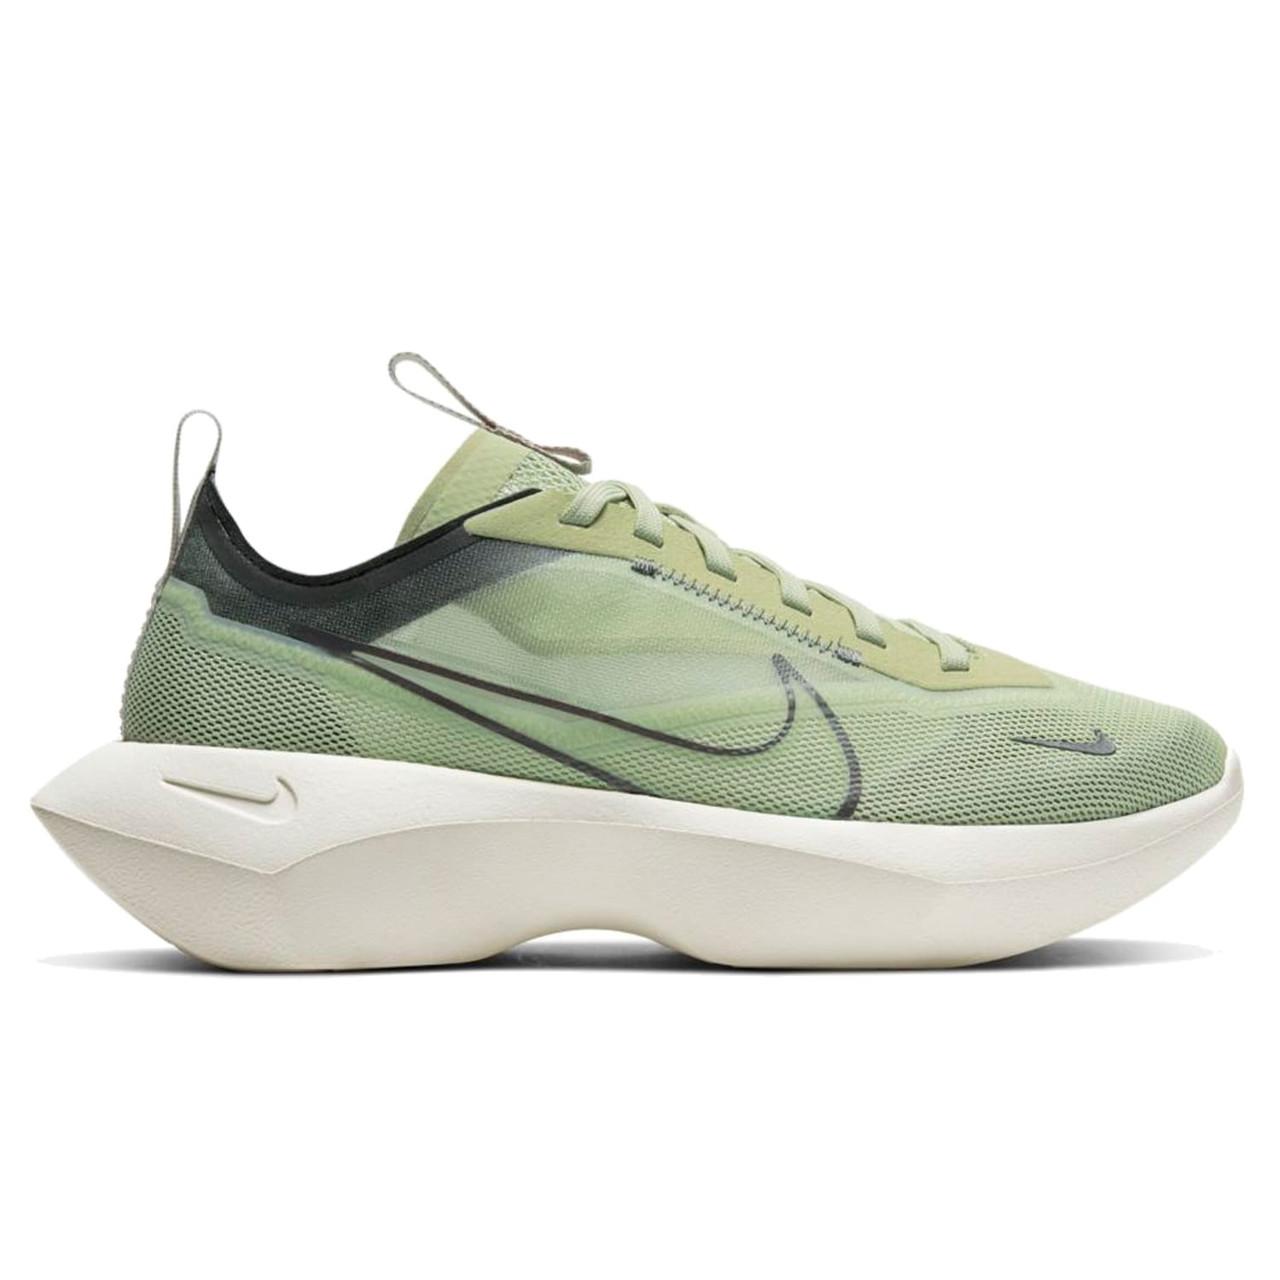 Кроссовки Nike Vista Lite Olive Aura CI0905-300 зеленые женские